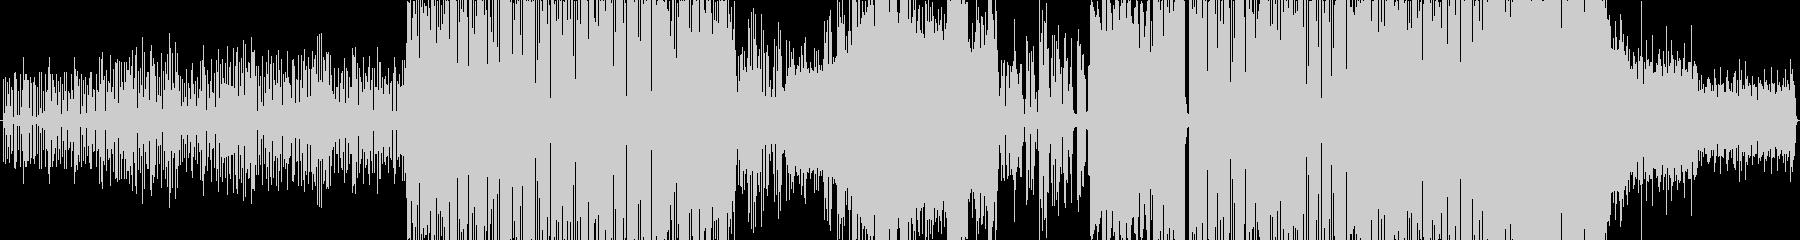 巳から龍になるイメージのエレクトロポップの未再生の波形